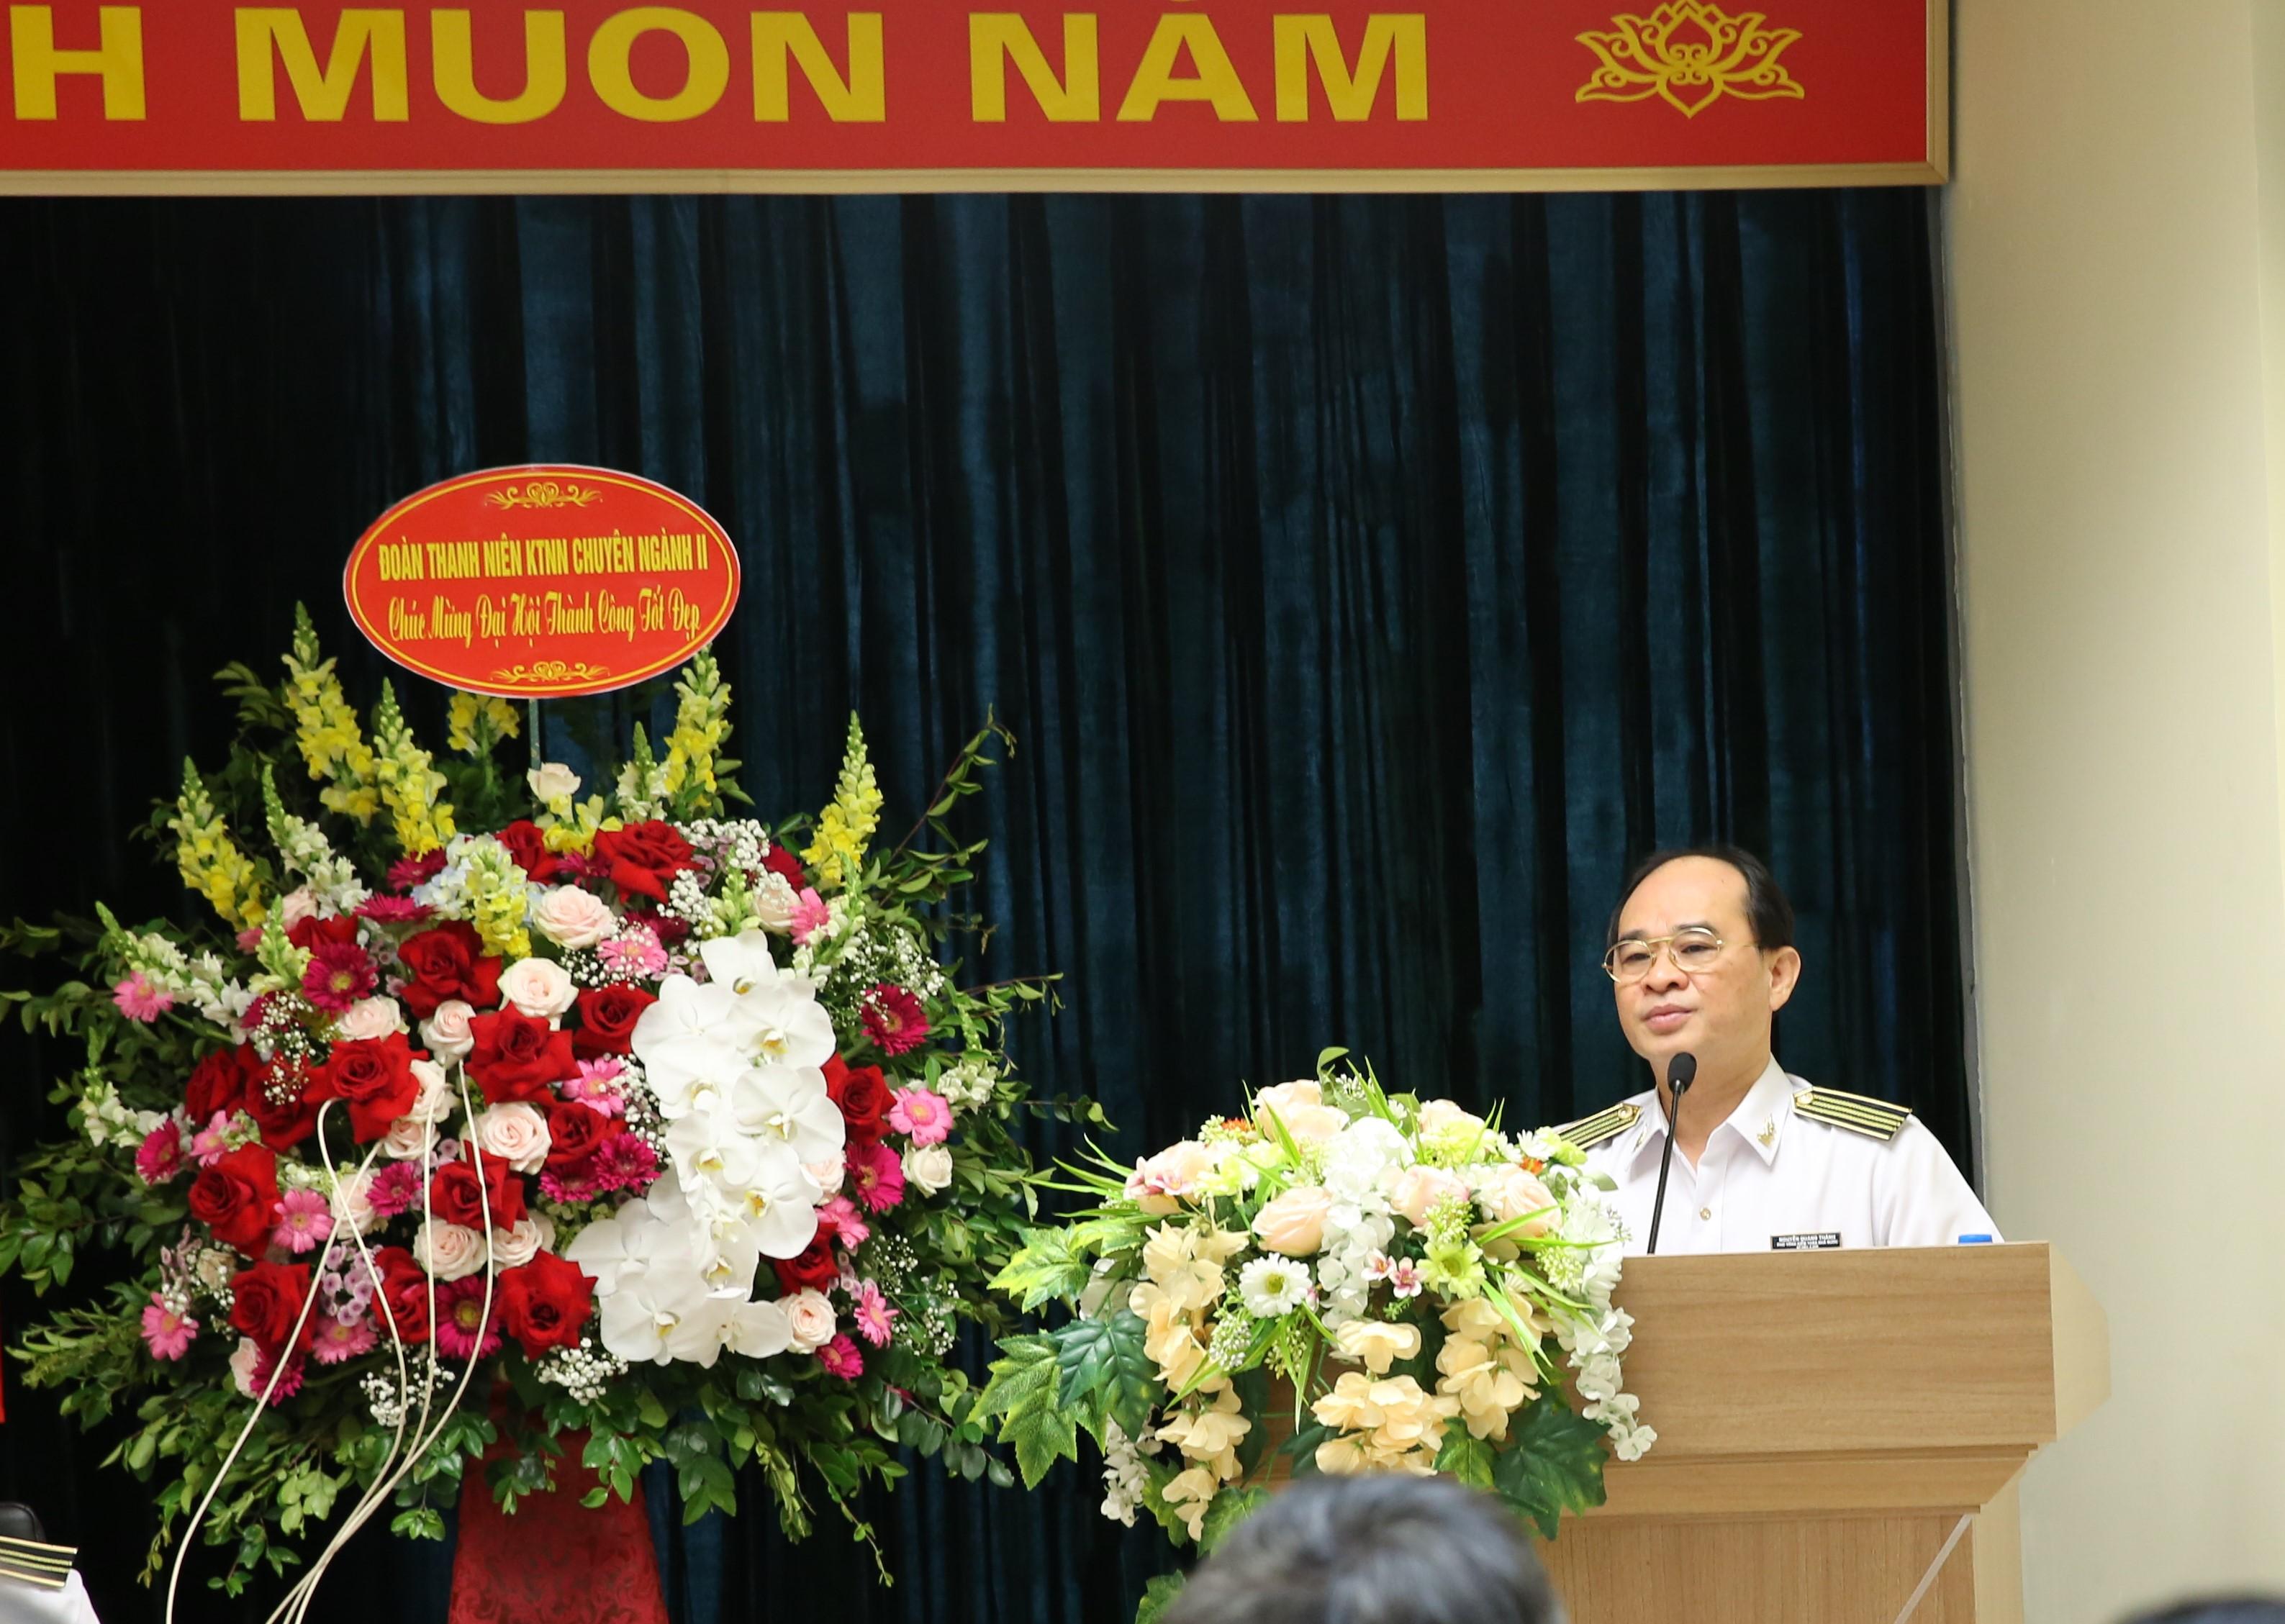 Phát huy vai trò, trách nhiệm của cấp ủy, đưa Đảng bộ phát triển vững mạnh